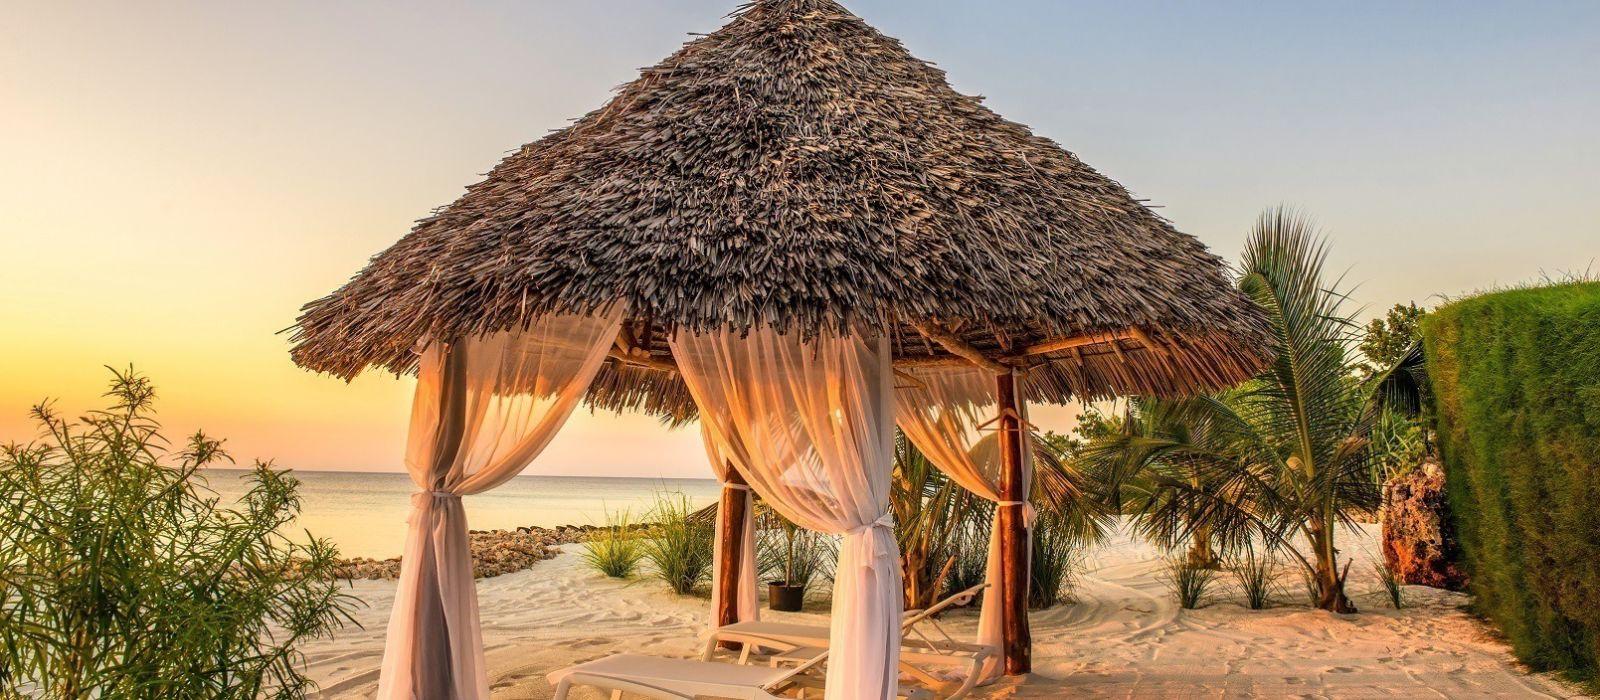 Stilvoll reisen in Tansania & Sansibar Urlaub 6